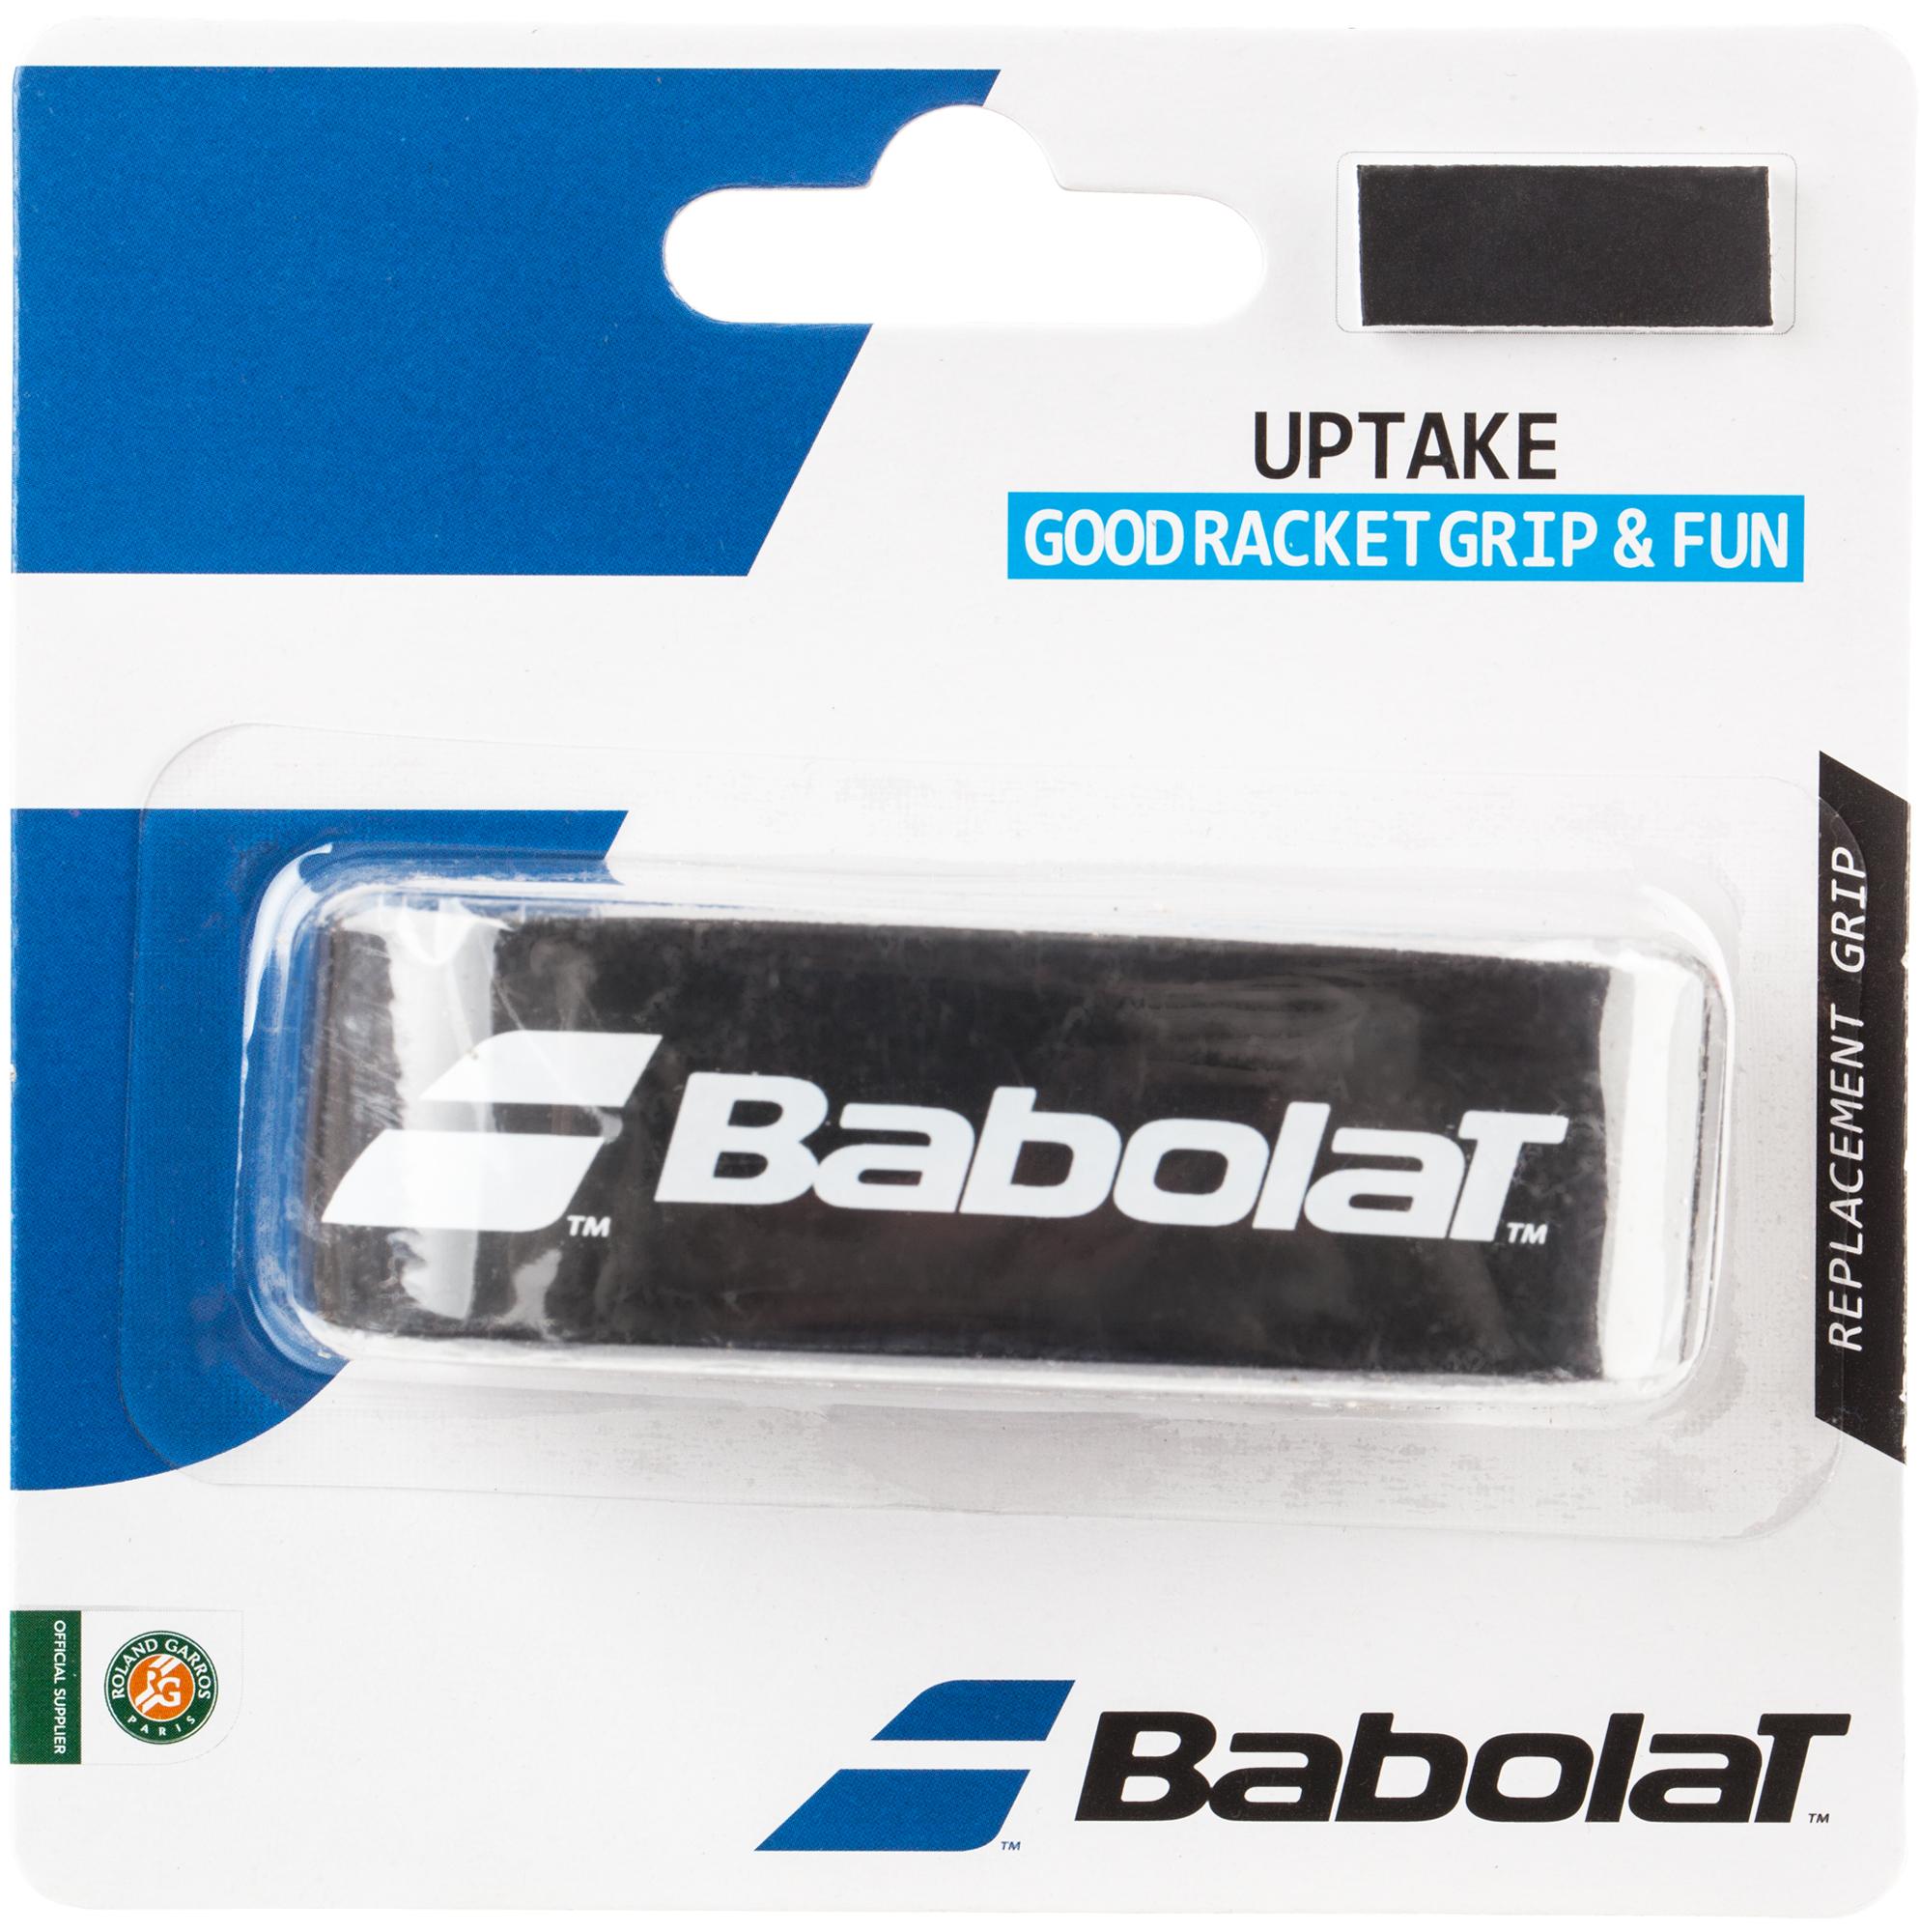 Babolat Намотка базовая Babolat Uptake